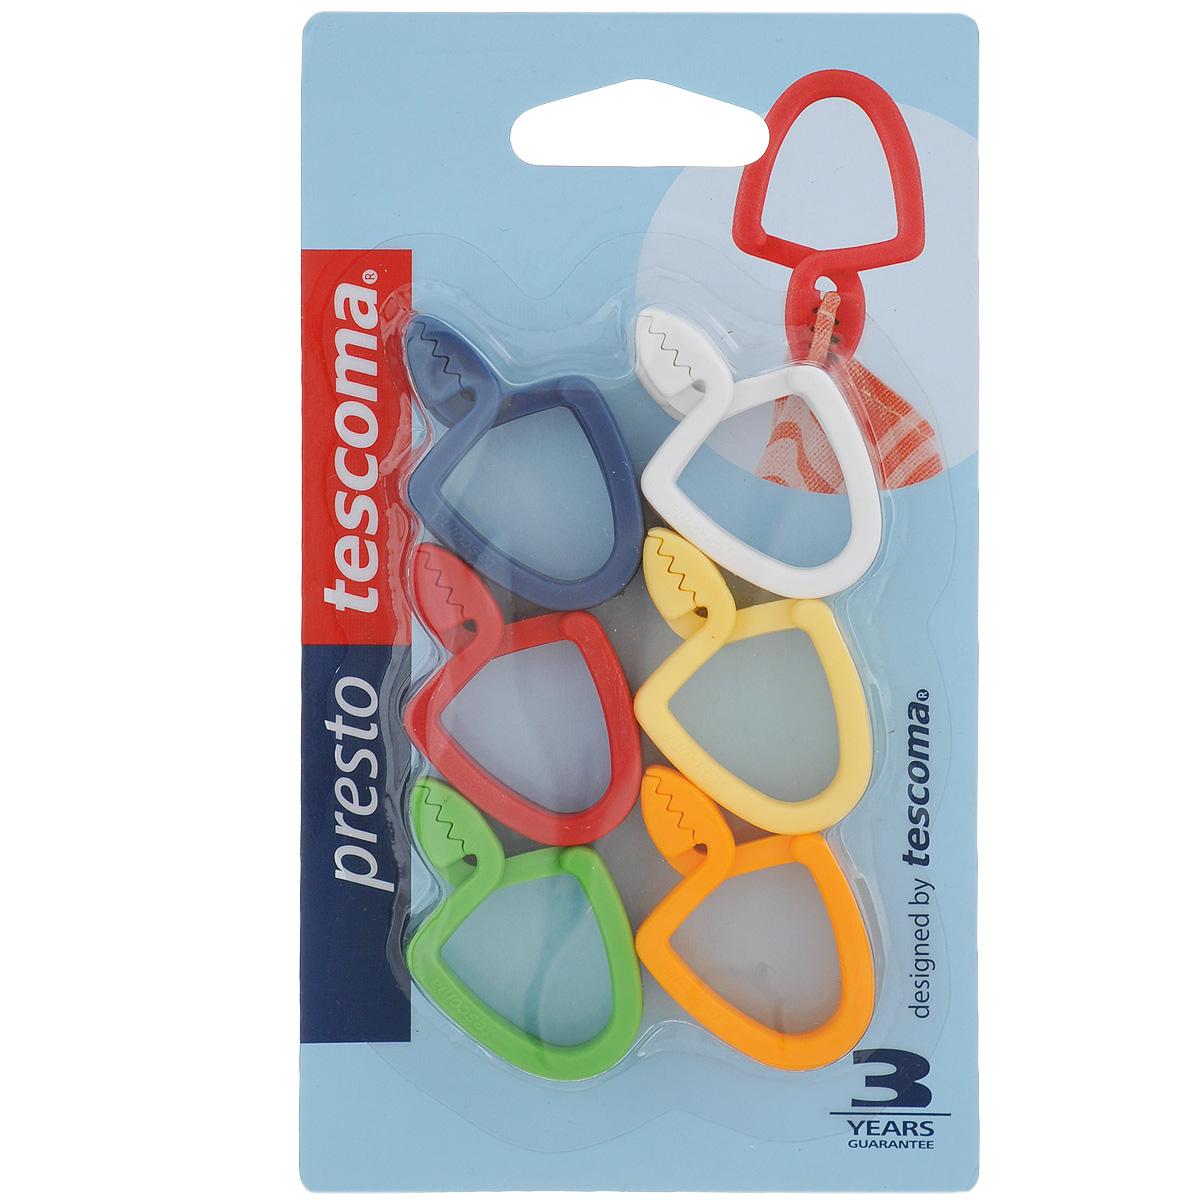 Петля универсальная Tescoma Presto, 12 шт420830Универсальная петля Tescomo Presto подходит для подвешивания полотенец, кухонных рукавиц и т.д. Изготовлена из прочной пластмассы. В комплект входит 12 петель разных цветов (синий, белый, красный, желтый, оранжевый, зеленый.